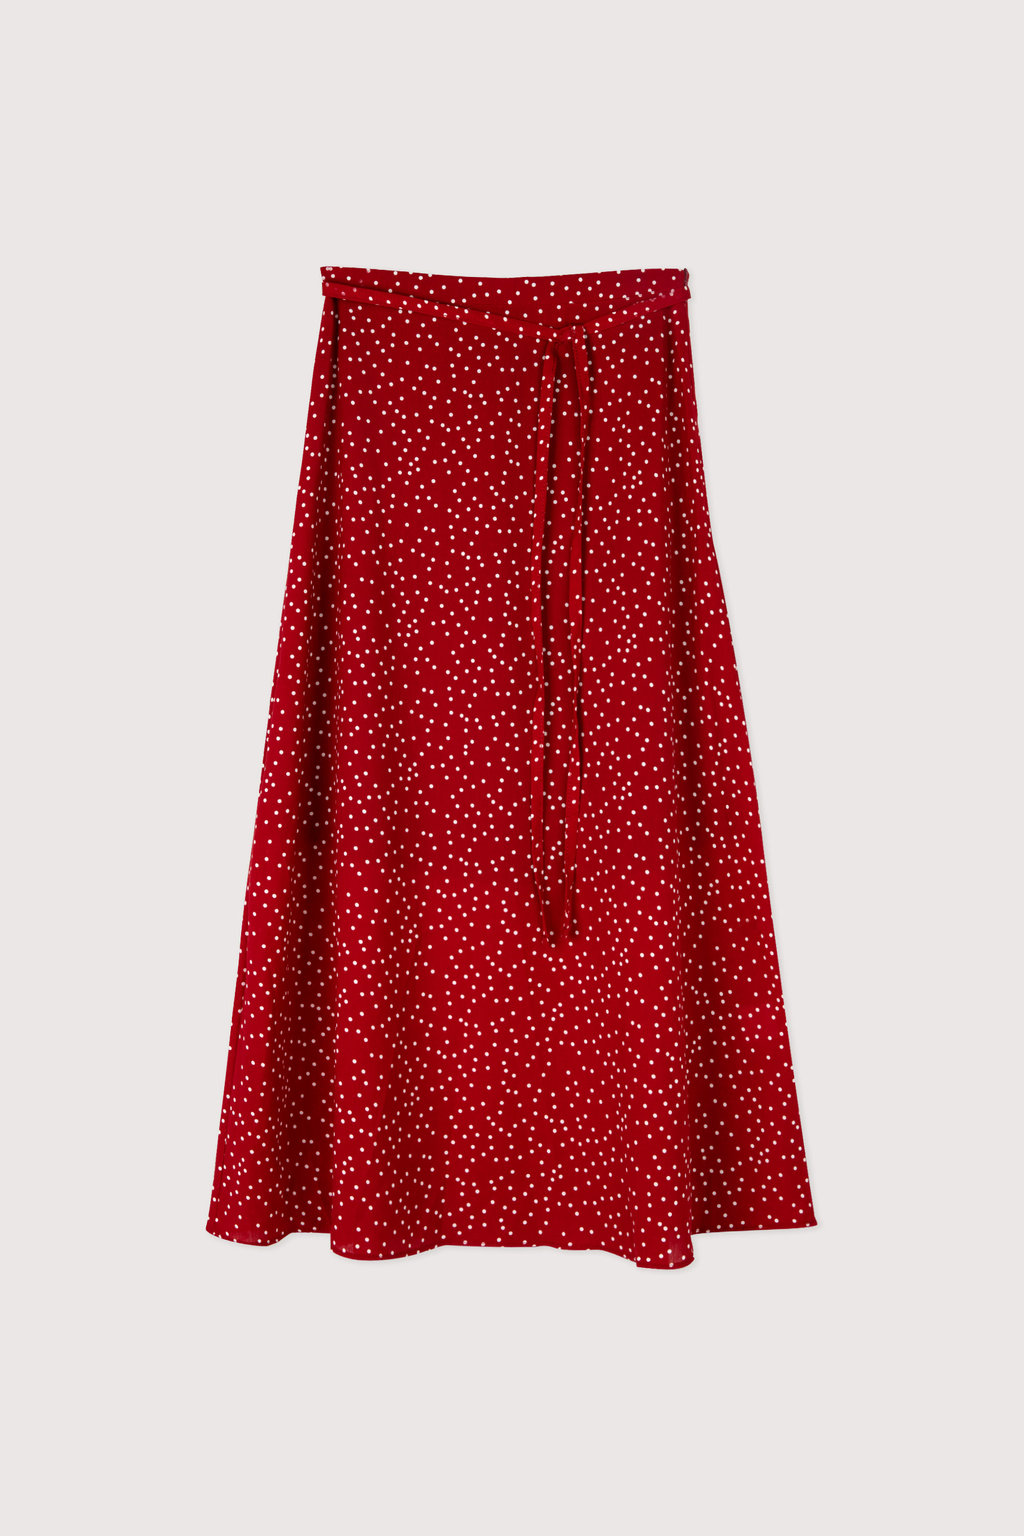 Skirt K025 Red 7